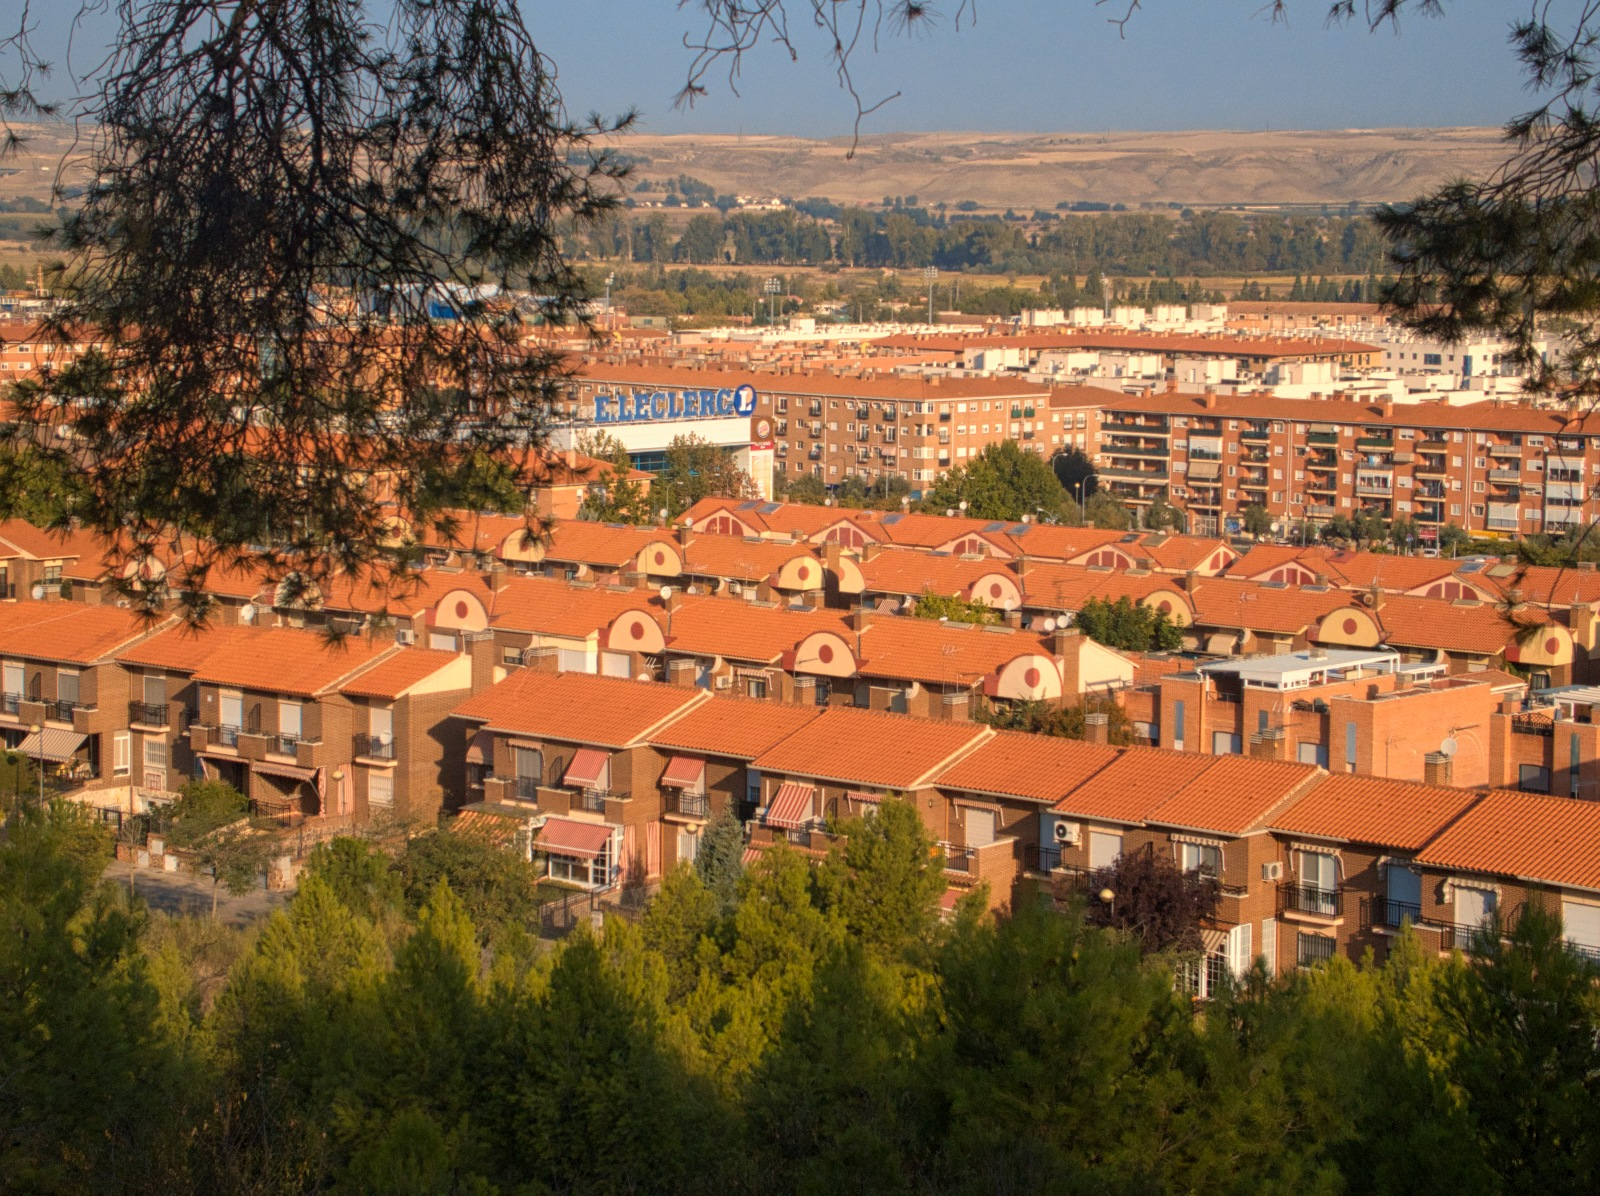 Tejados de Aranjuez-Madrid by carmina.waterstone